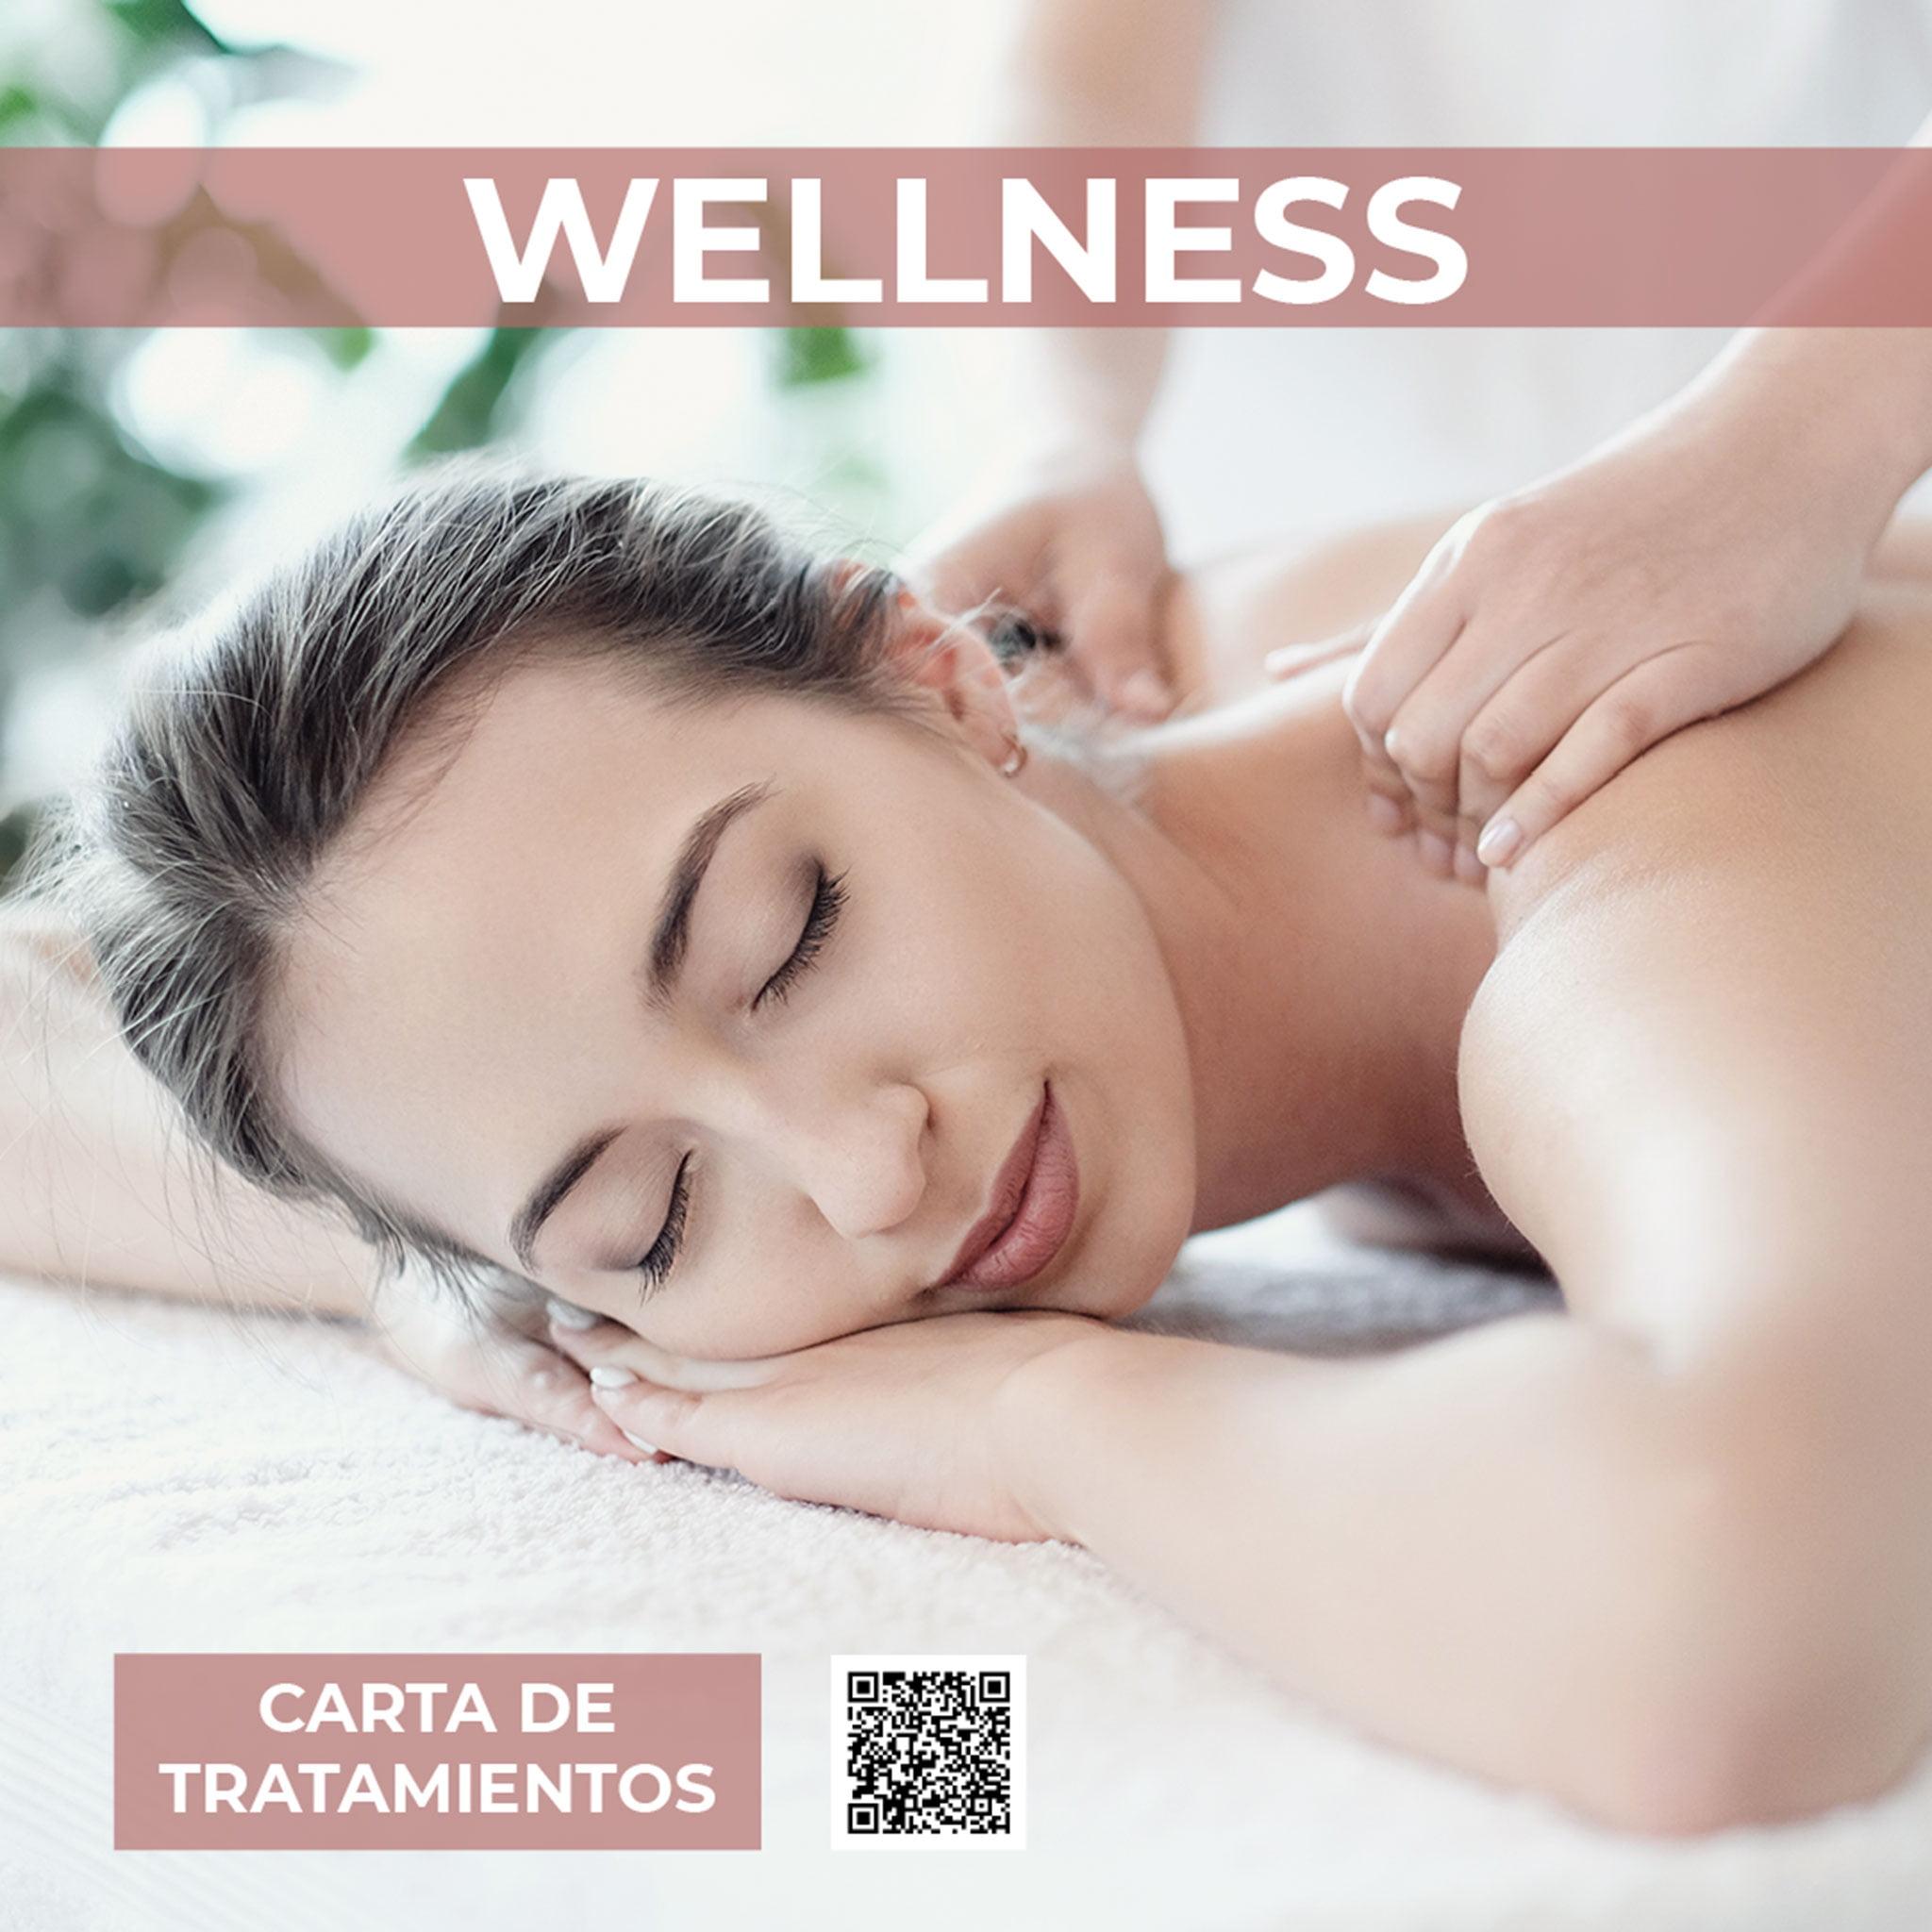 Carta de tratamientos wellness – Hotel Los Ángeles